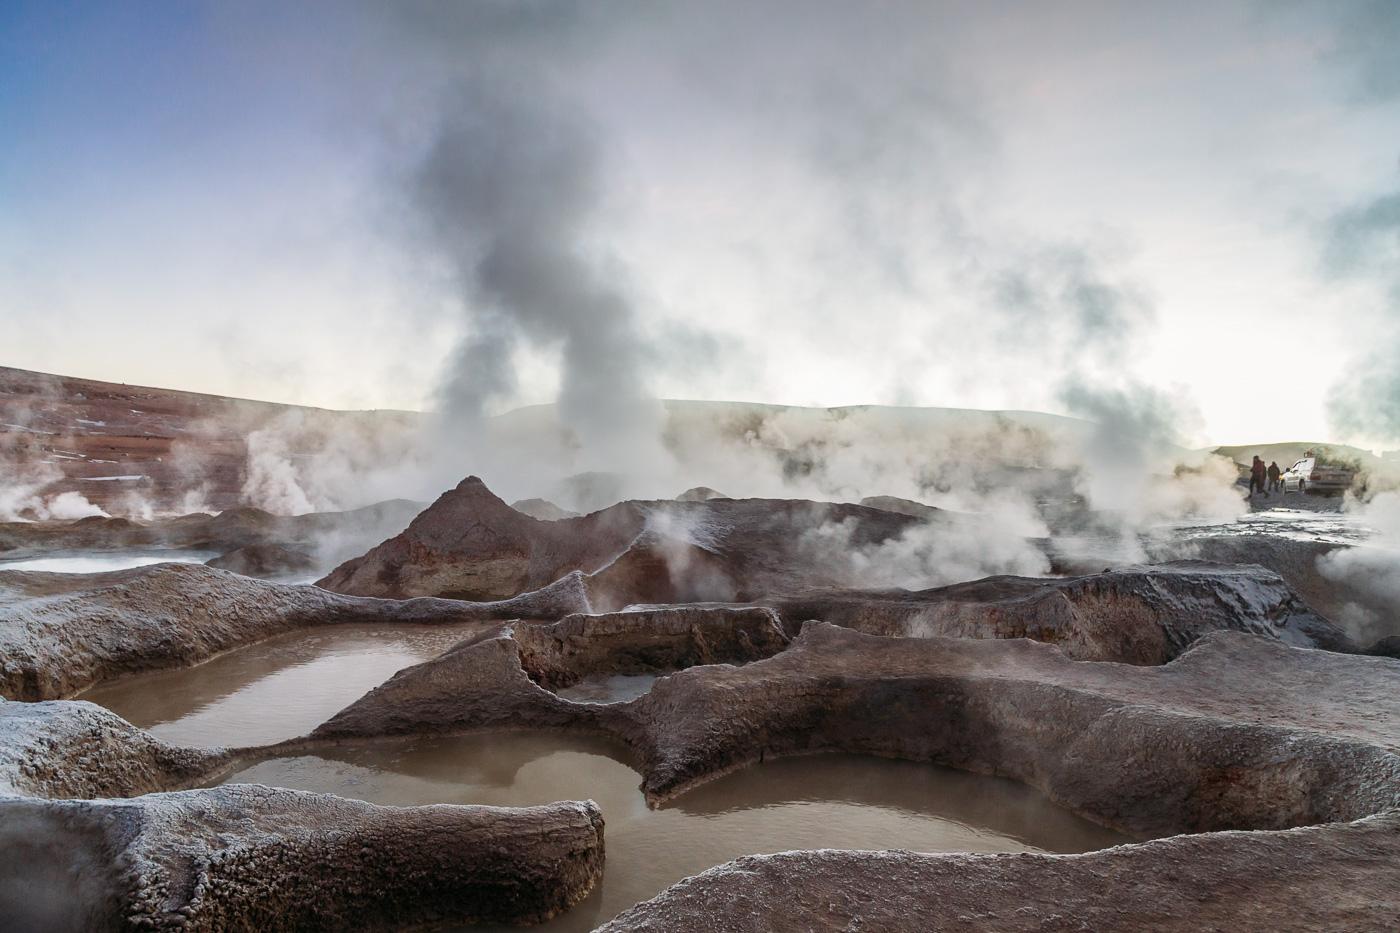 Sol de Manana Geisers, Bolivia